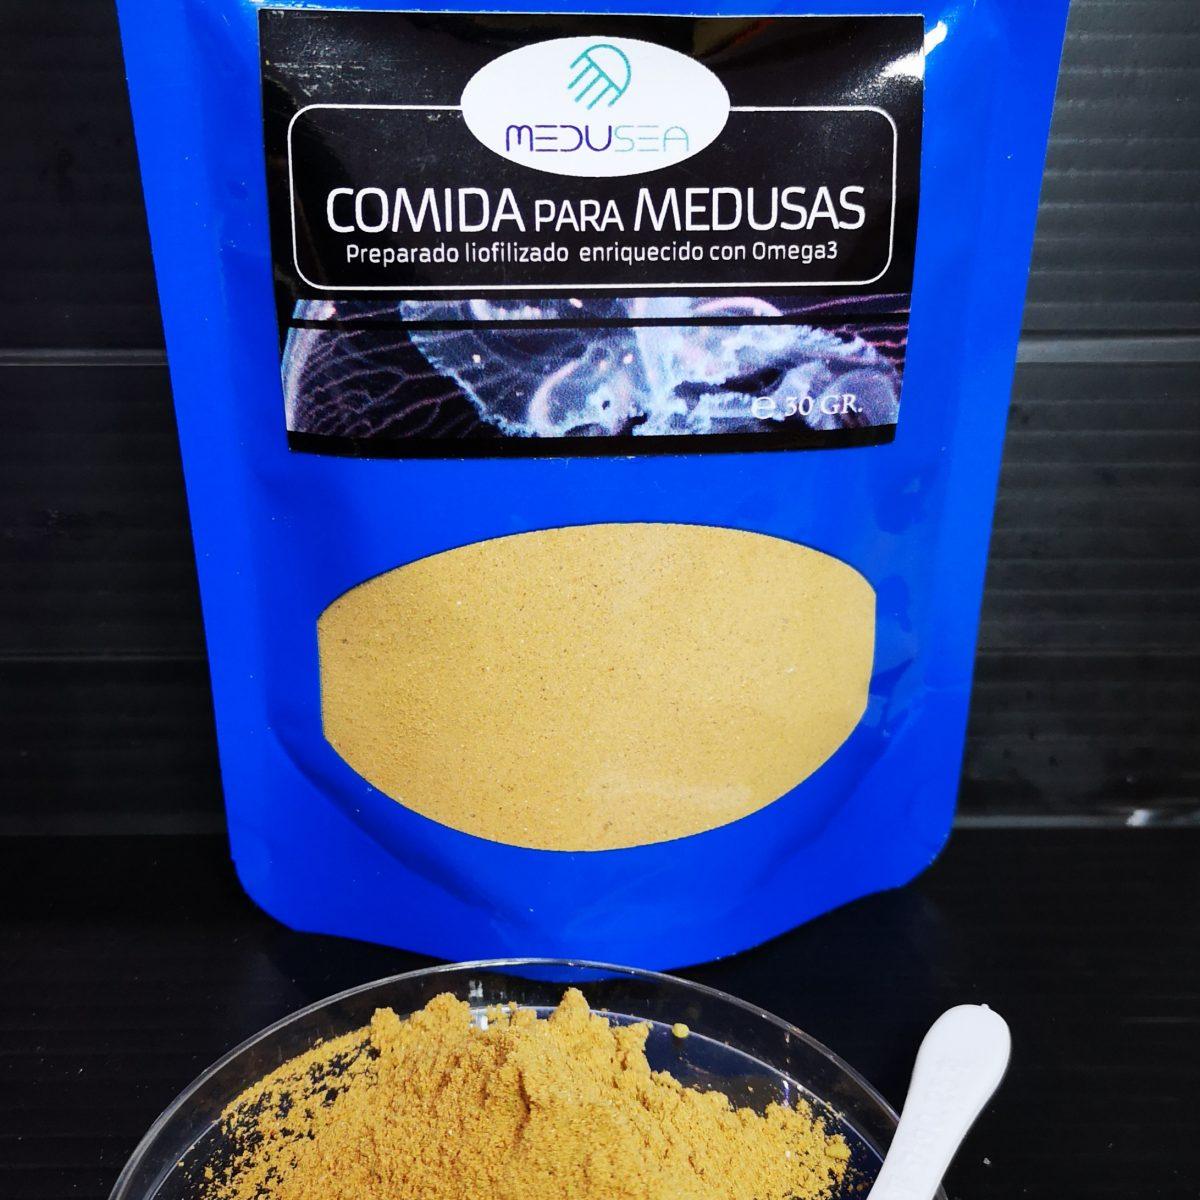 Comida para medusas MEDUSEA